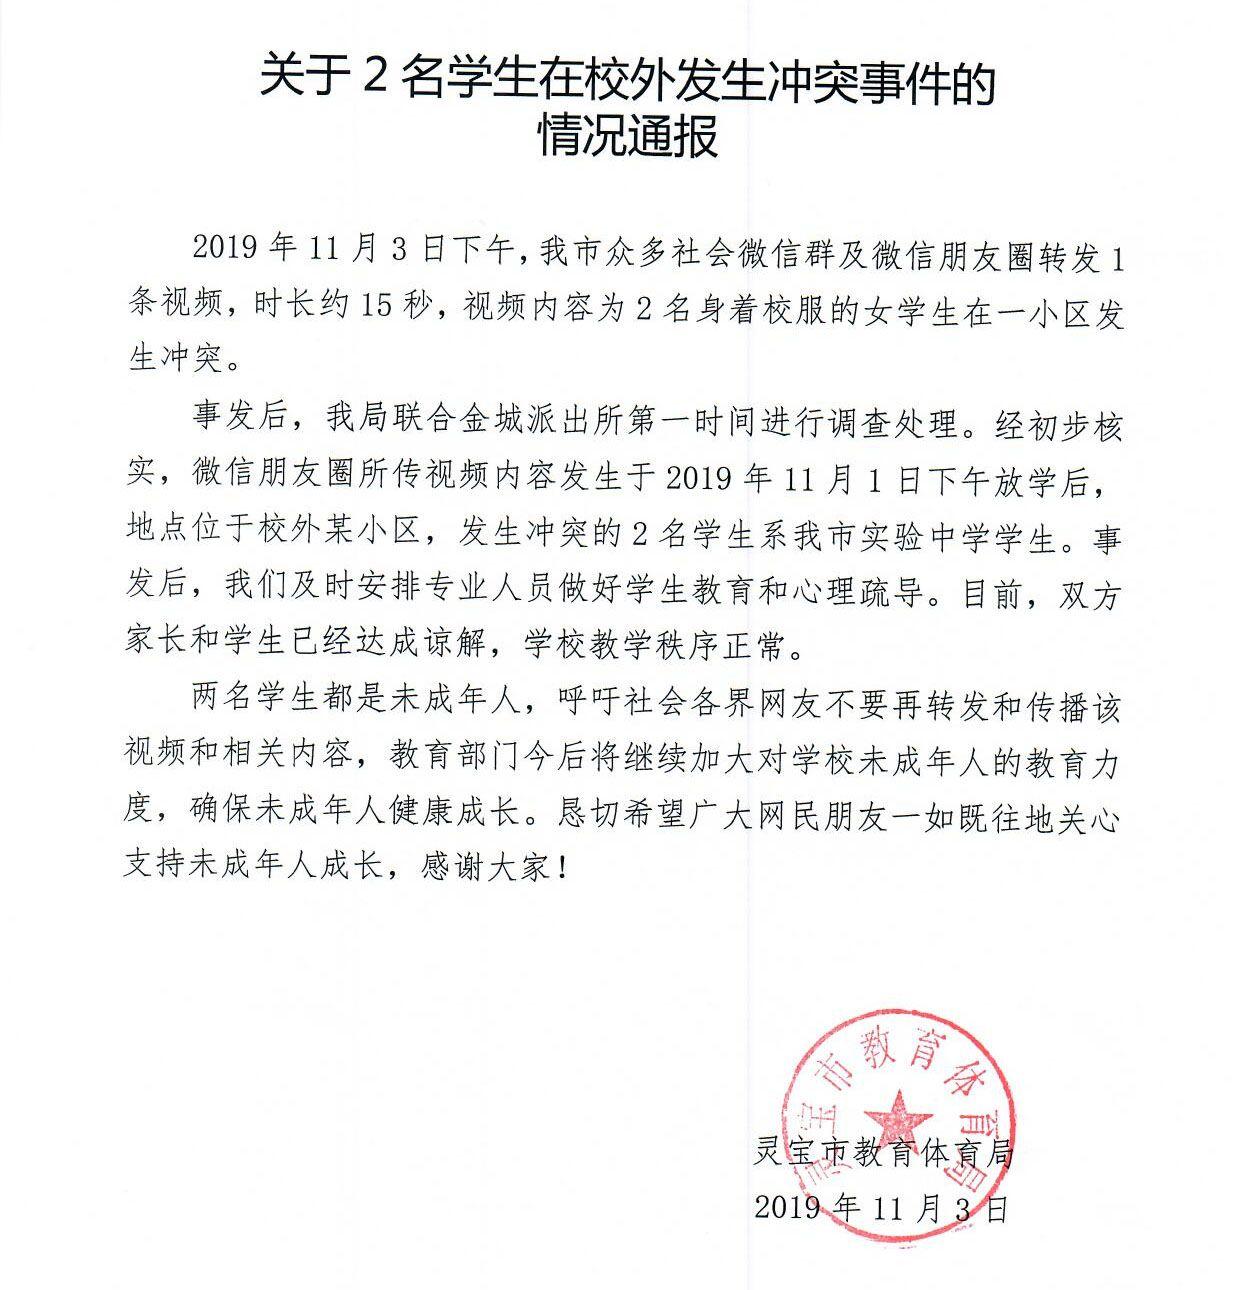 河南灵宝通报一校园欺凌事件:已安排学生心理疏导